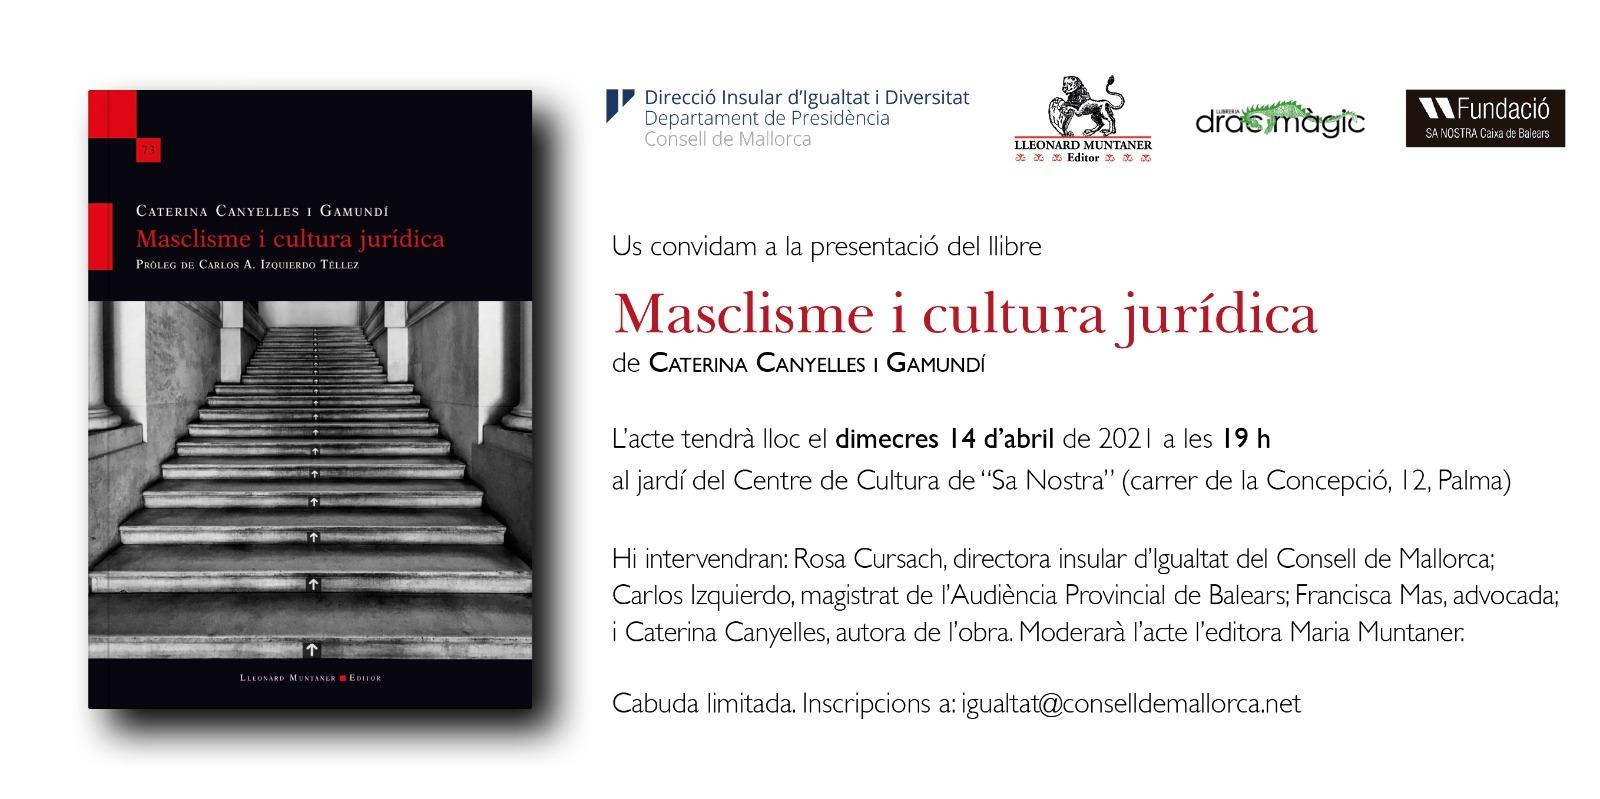 """Presentació del llibre """"Masclisme i cultura jurídica"""" de Caterina Canyelles i Gamundí"""